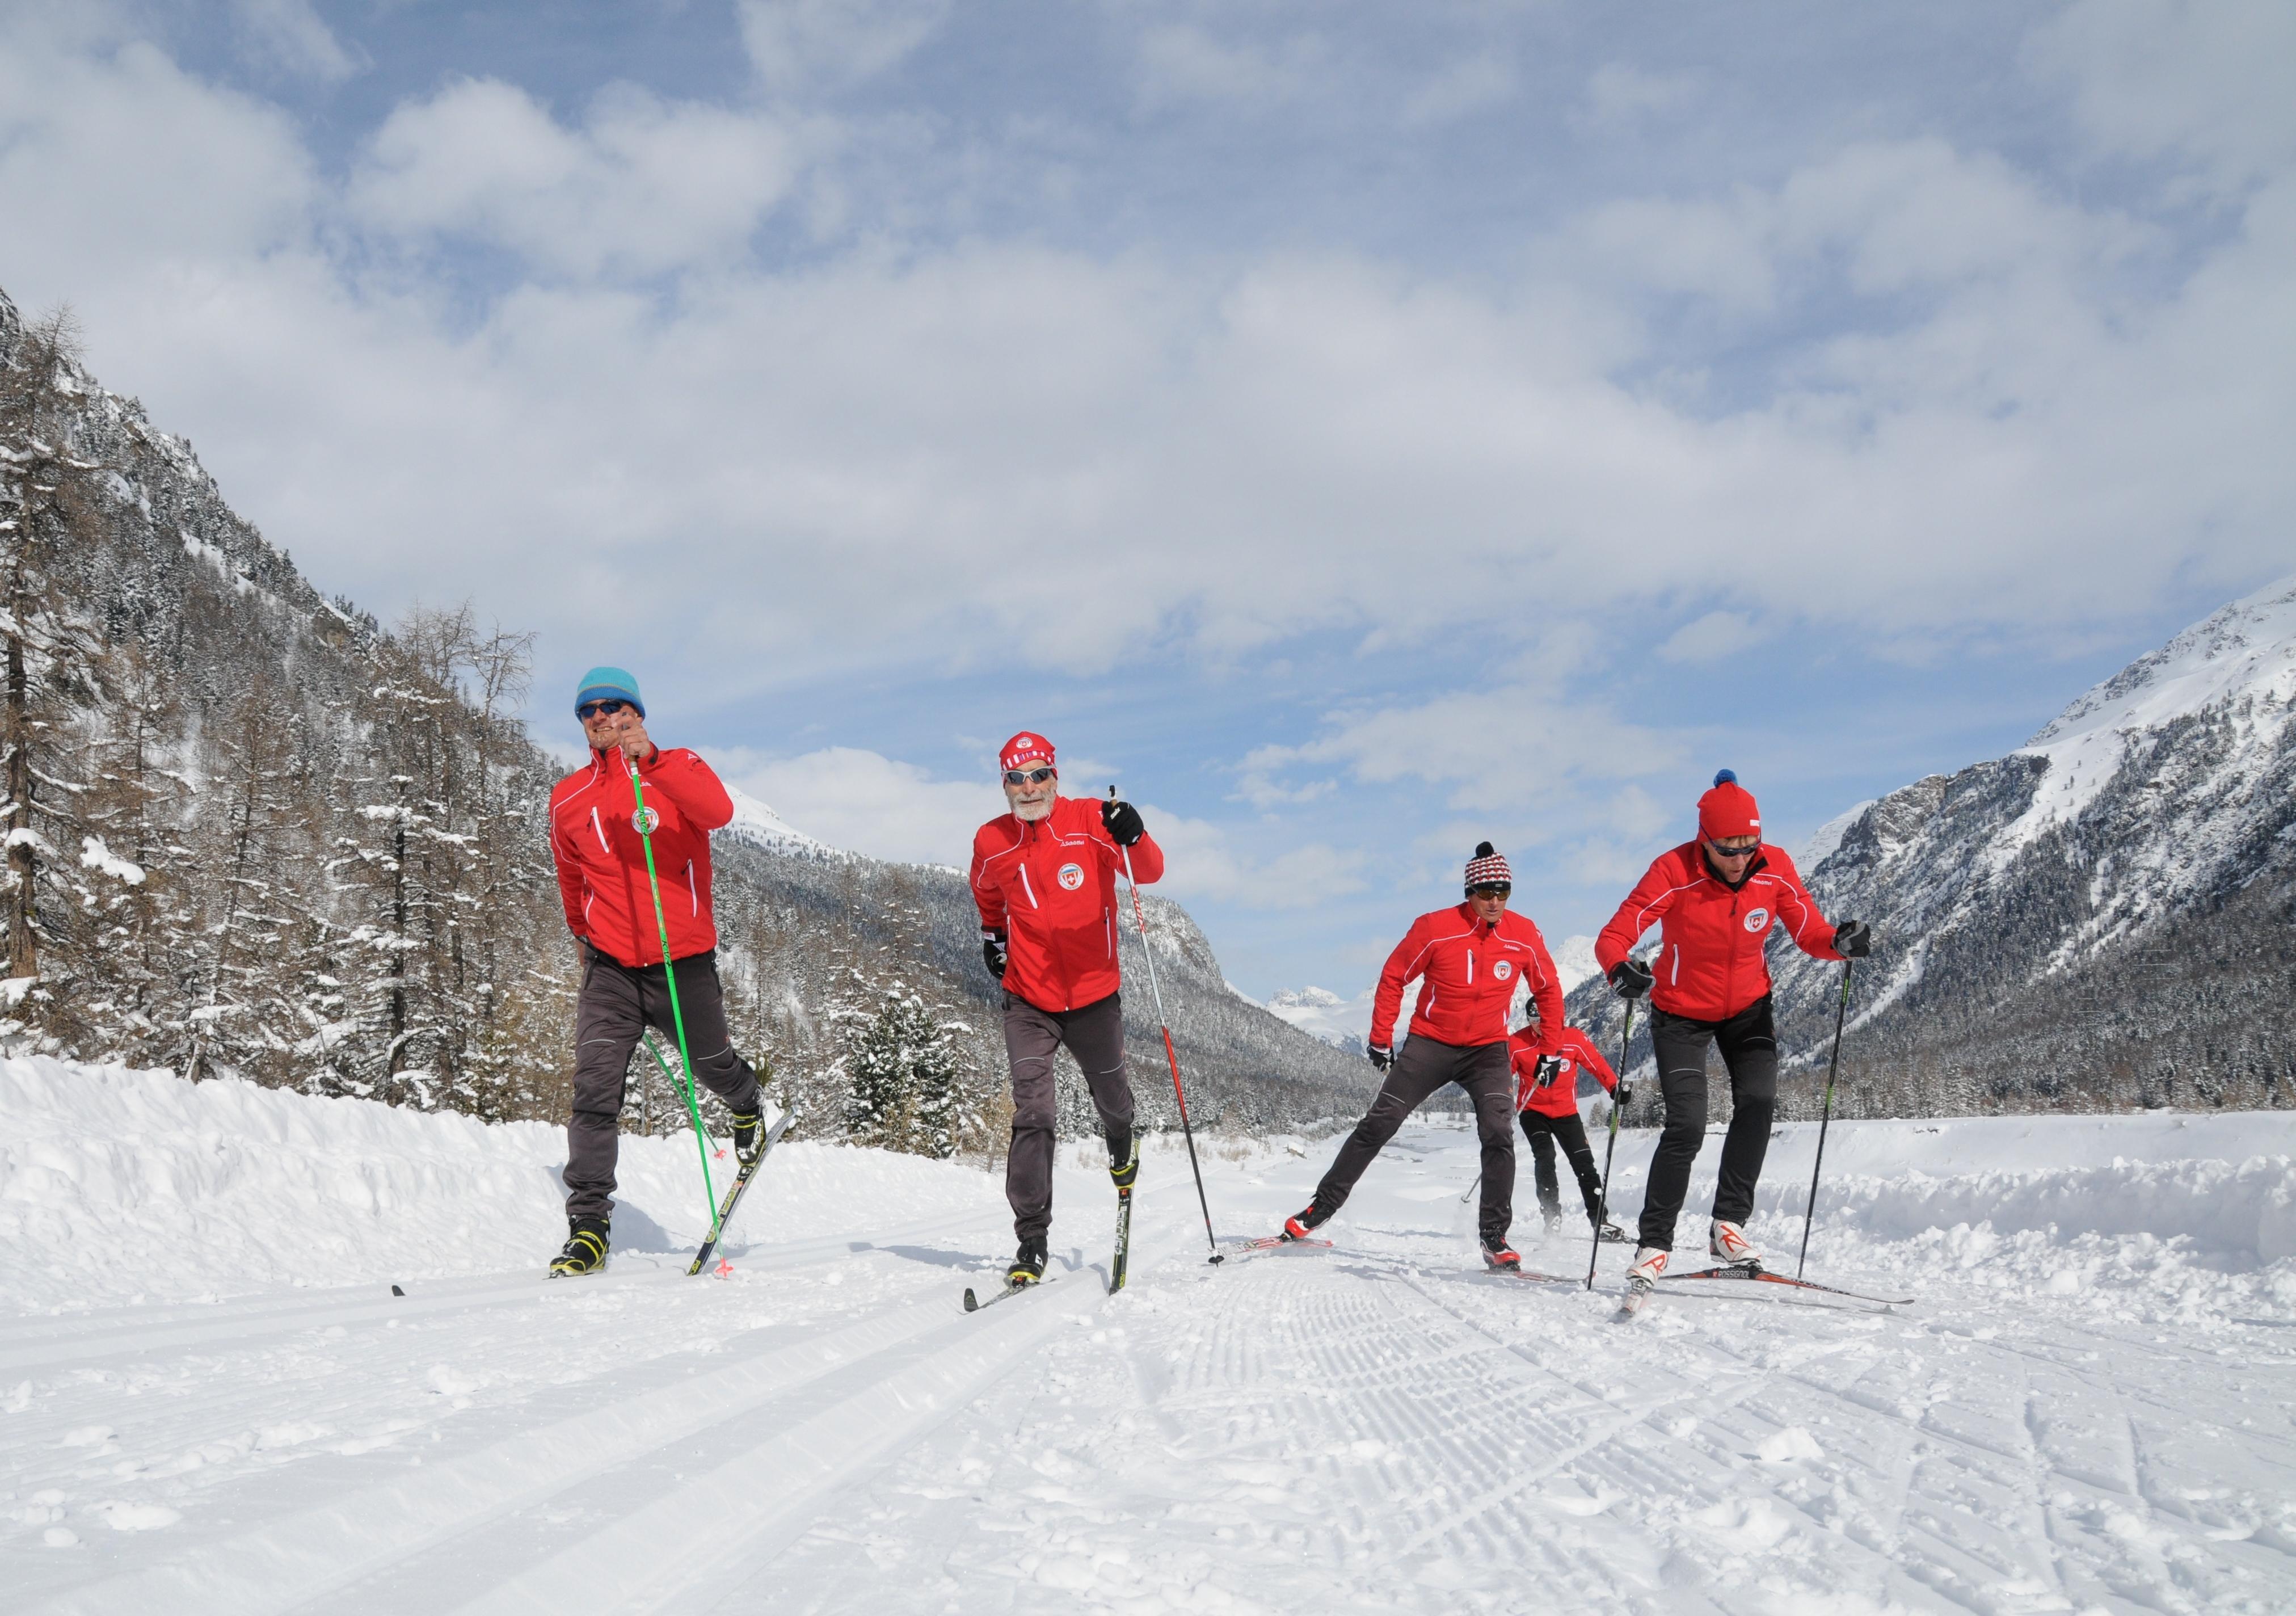 Schweizer Langlauf- und Bikezentrum Pontresina Slide 2